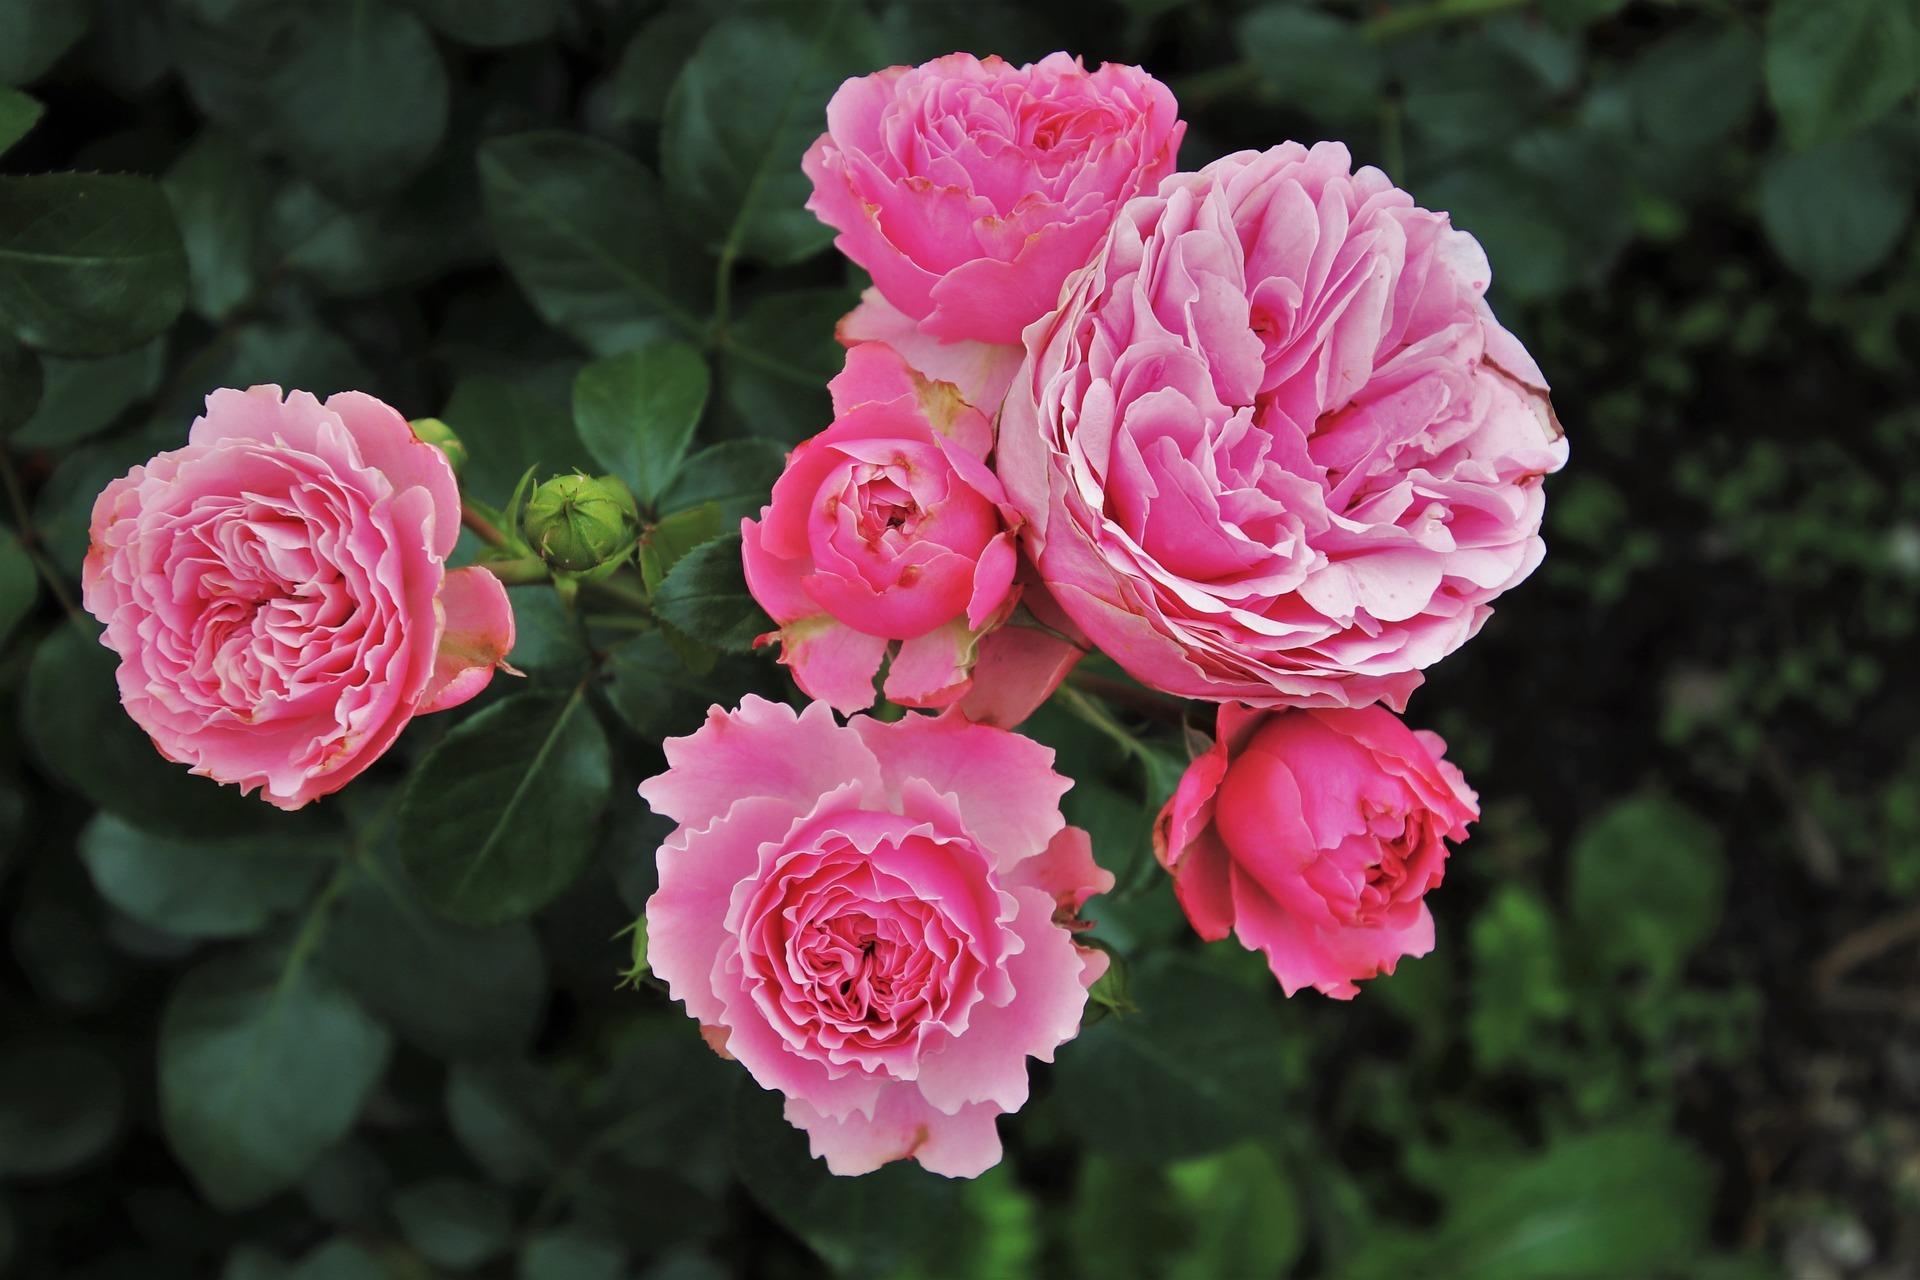 roses-3481982_1920.jpg